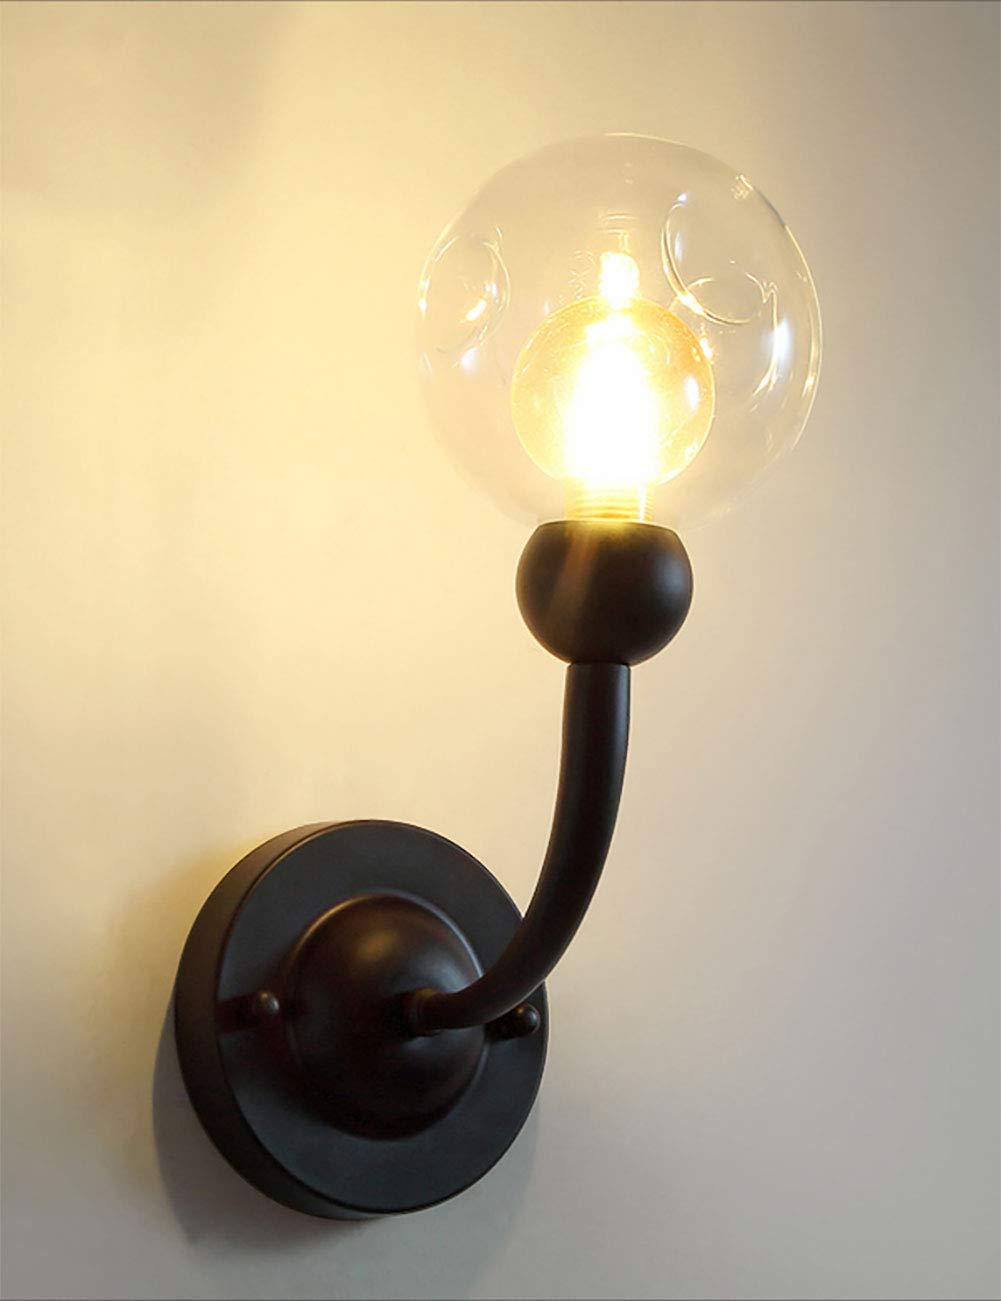 Irinay Retro Eisen Wandleuchte Industrie Glas Lampenschirm Wandleuchten E27 Led Beleuchtung Wohnzimmer Schlafzimmer Wandleuchte Einfache Schwarz (Farbe   Colour-Größe)